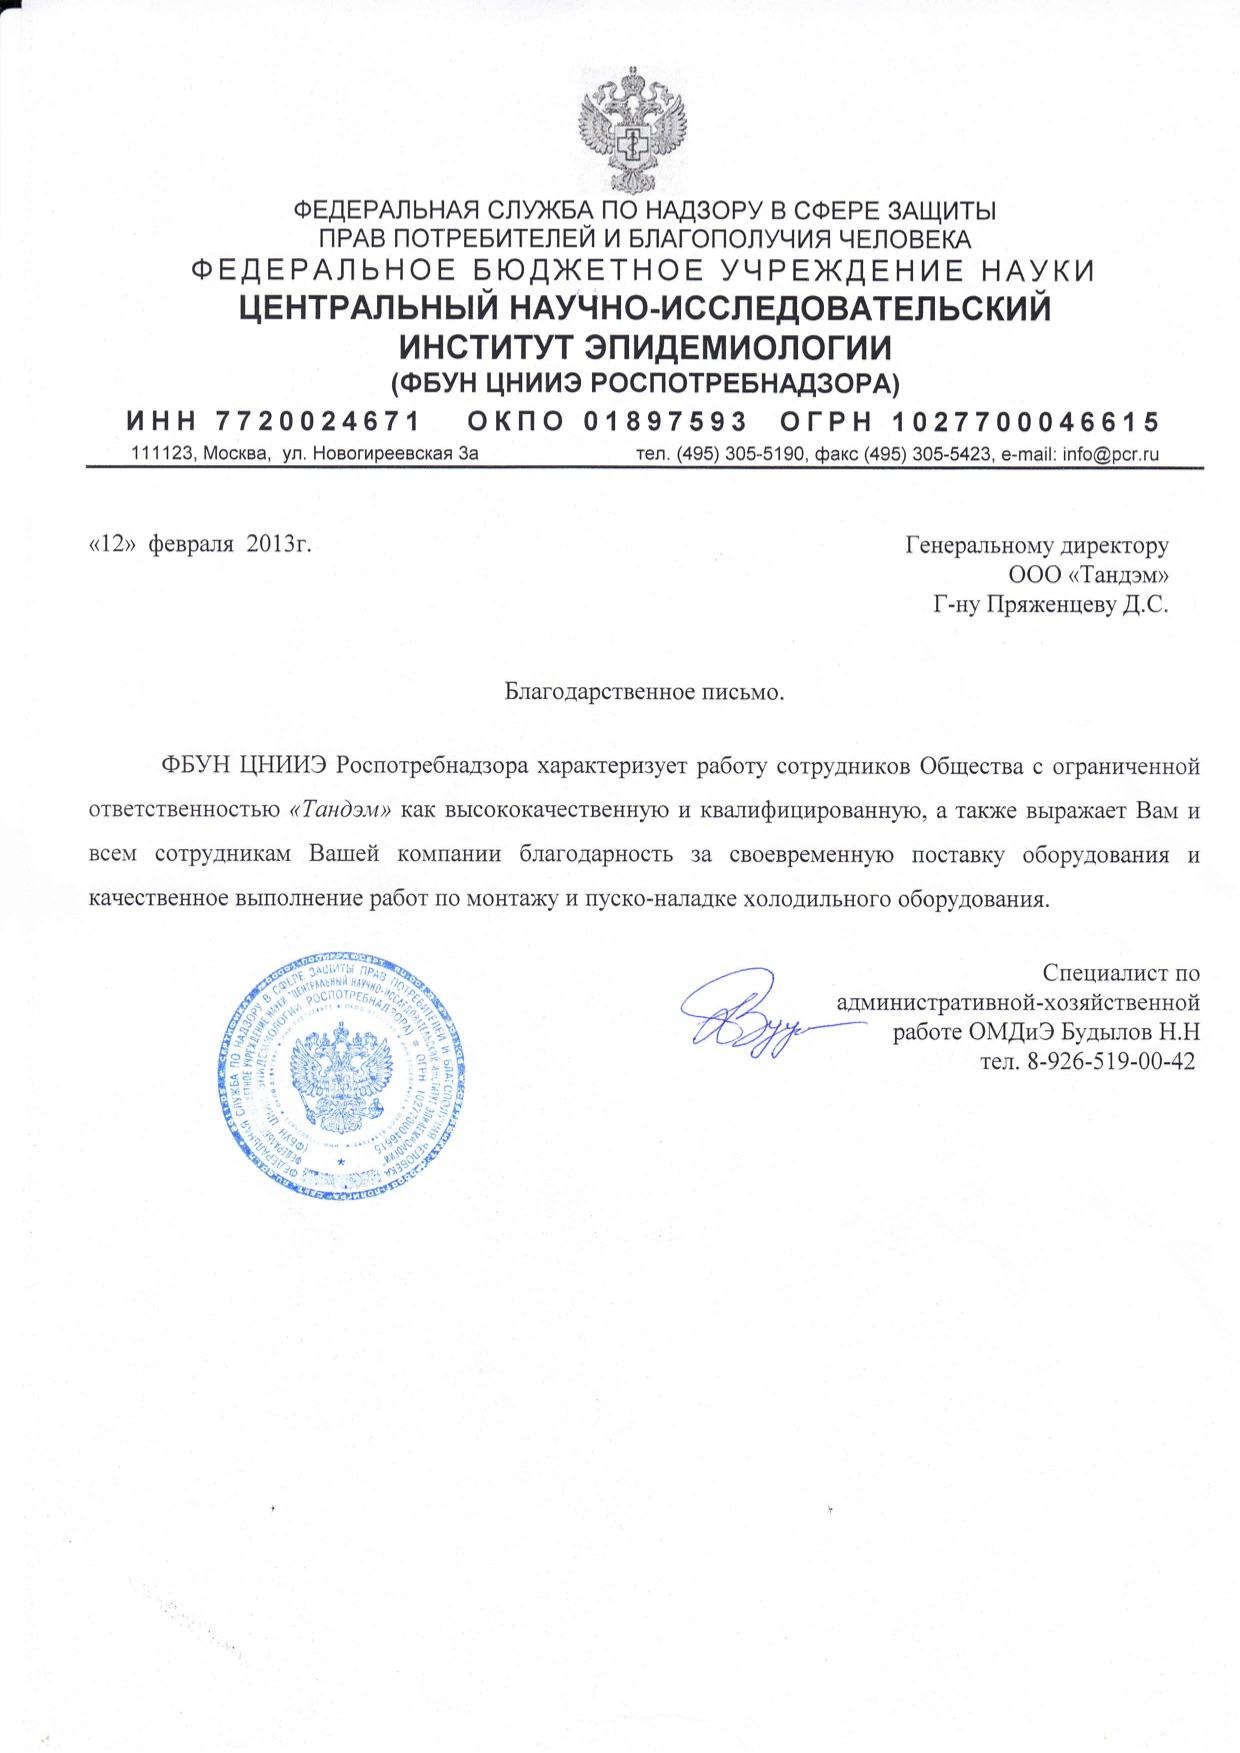 ФБУН Центральный НИИ эпидемиологии Роспотребнадзора